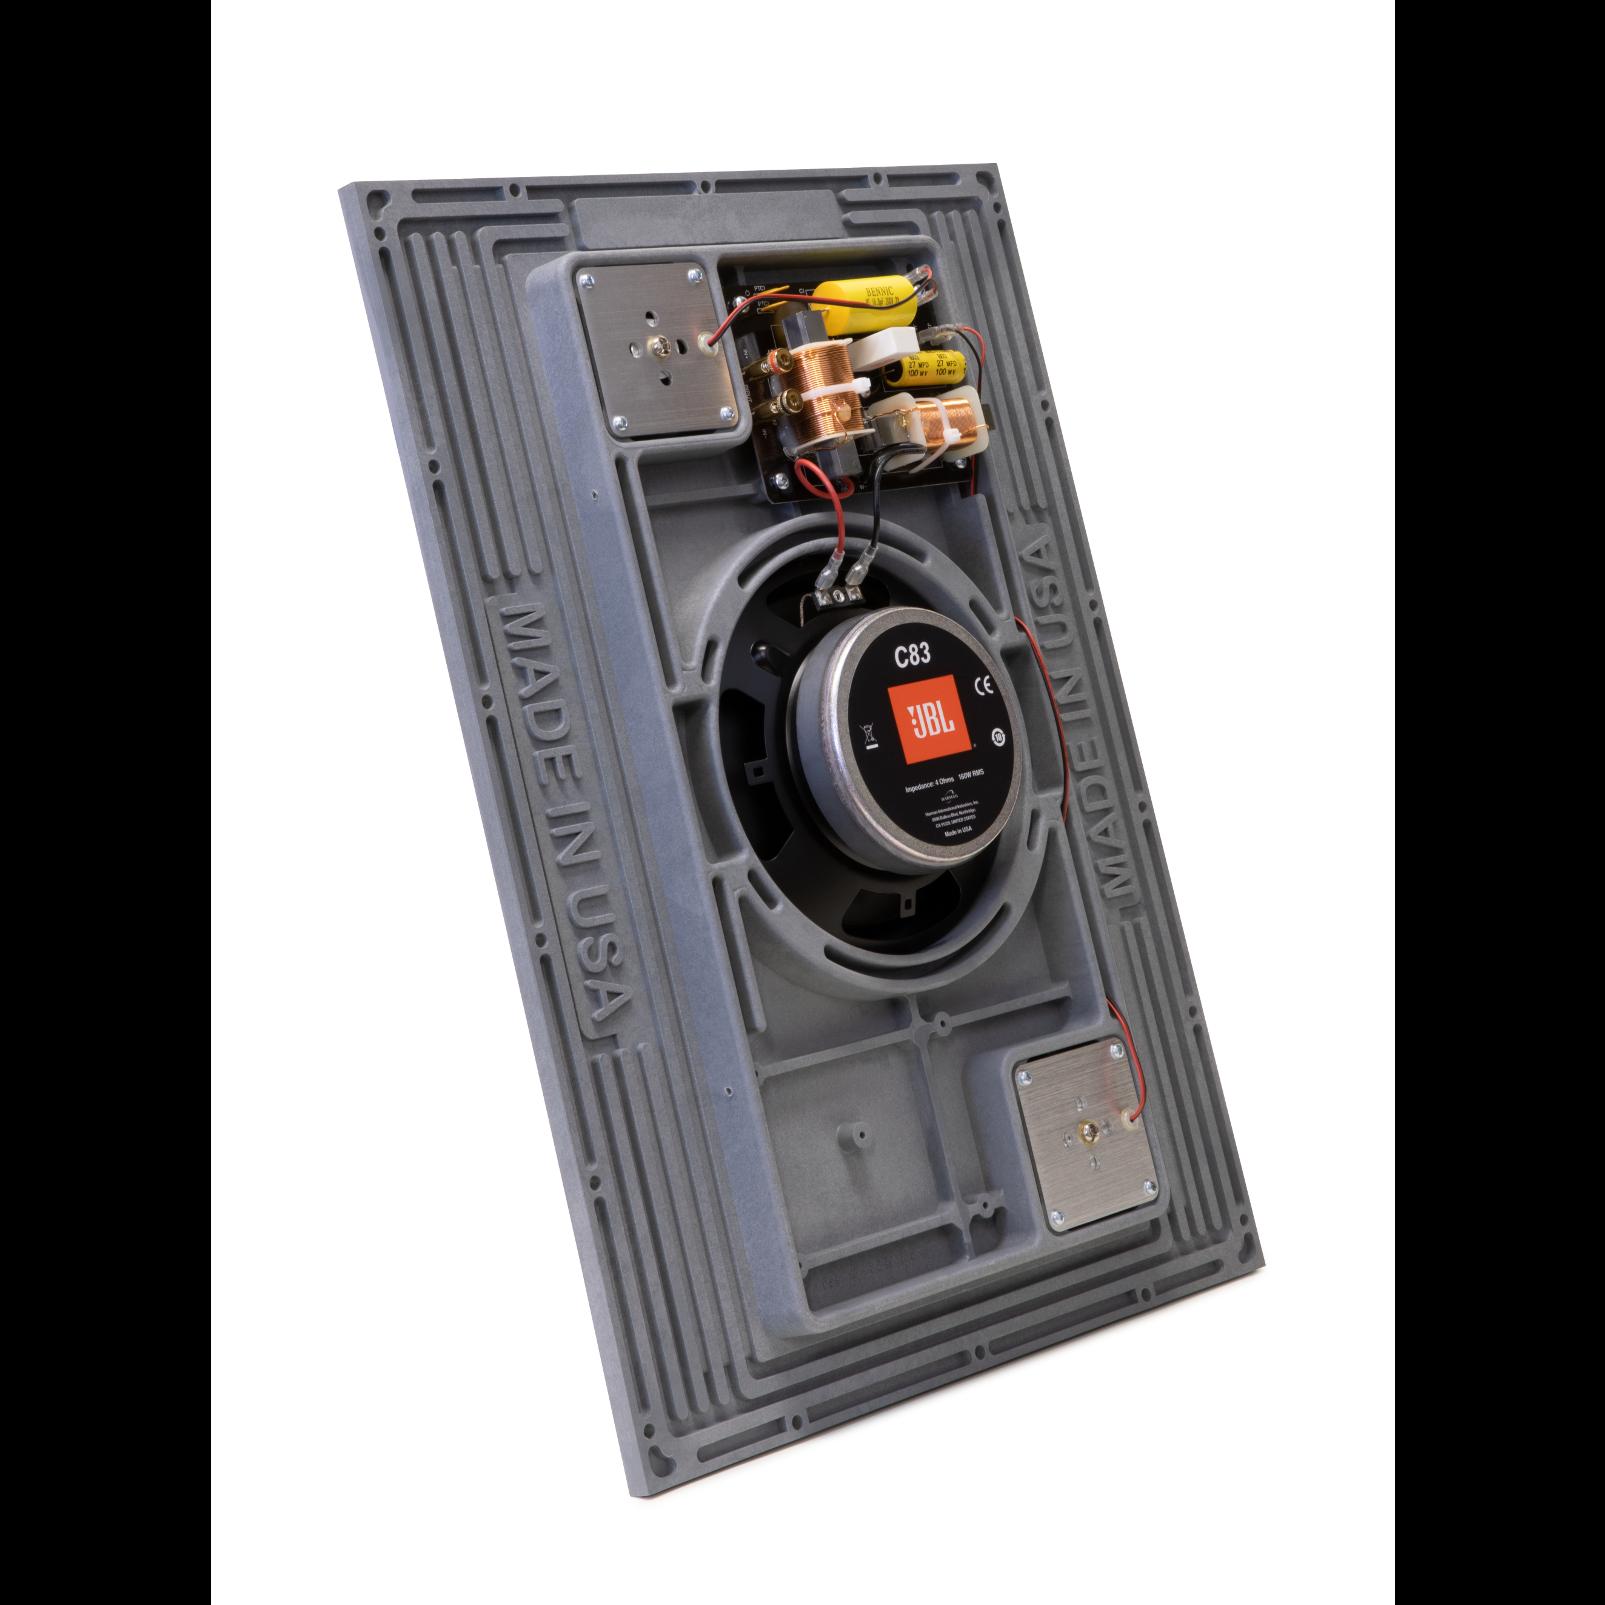 Conceal C83 - Grey - 8-inch (200mm) 3-element Invisible Loudspeaker - Detailshot 1